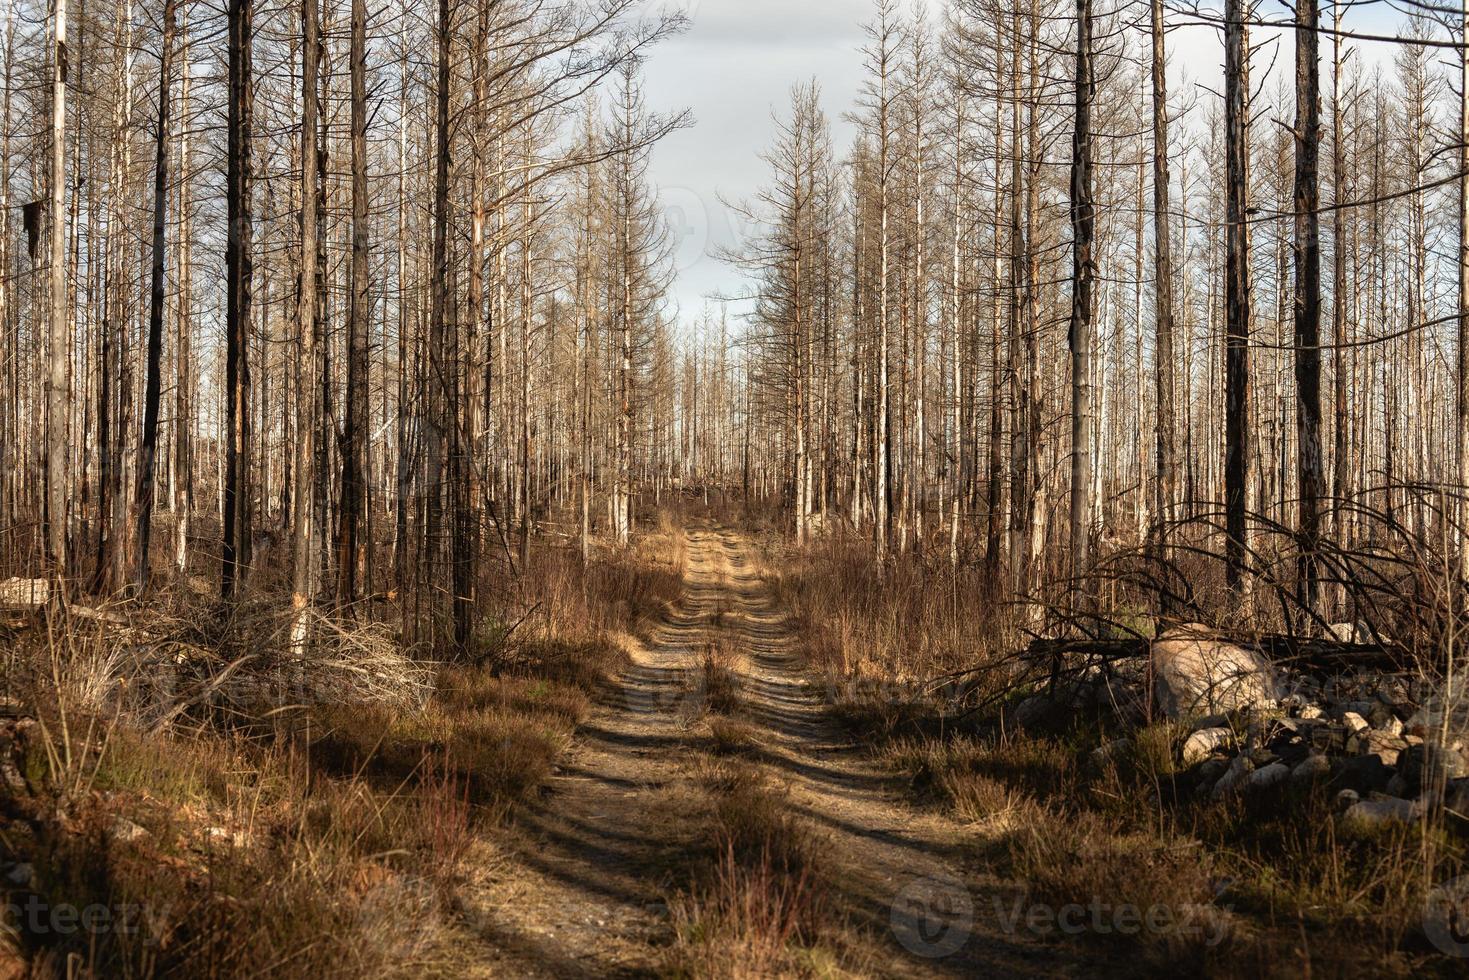 strada sterrata in una foresta invernale foto